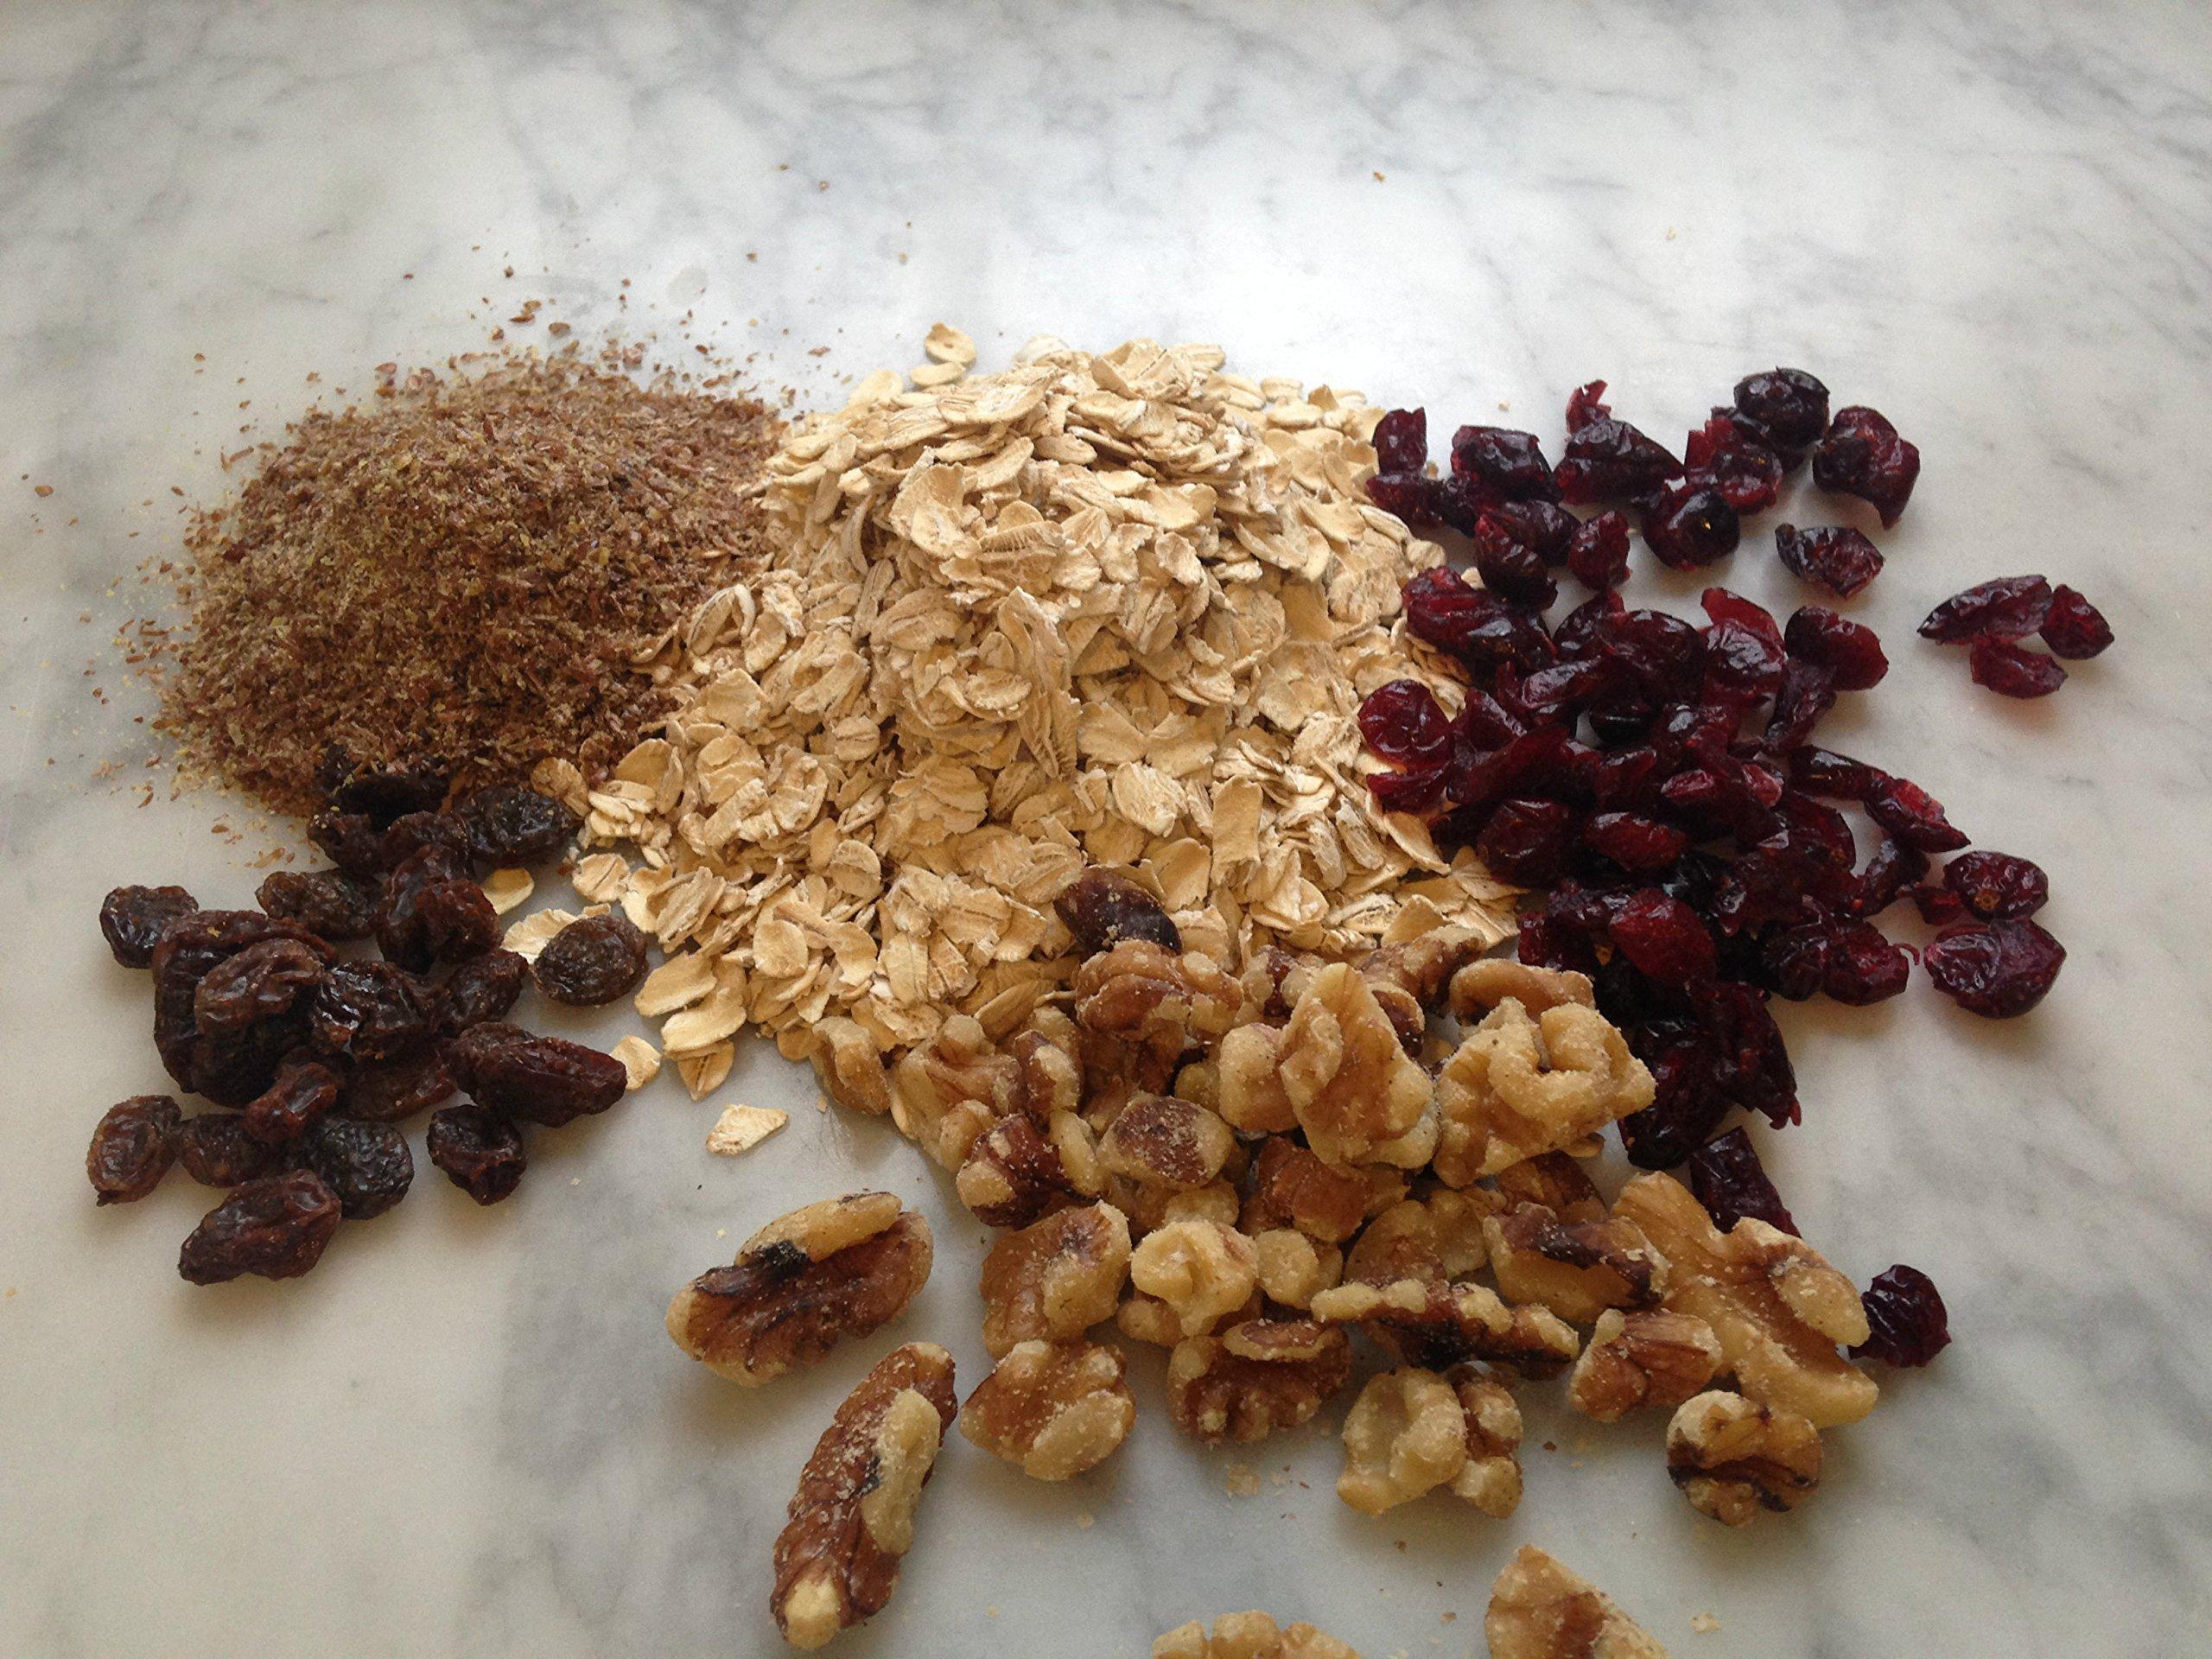 Susie's Smart Breakfast Cookie Orange, Cranberry, Nut Breakfast Cookie, 3.5 Ounce (Pack of 18) by Susie's Smart Breakfast Cookie (Image #4)